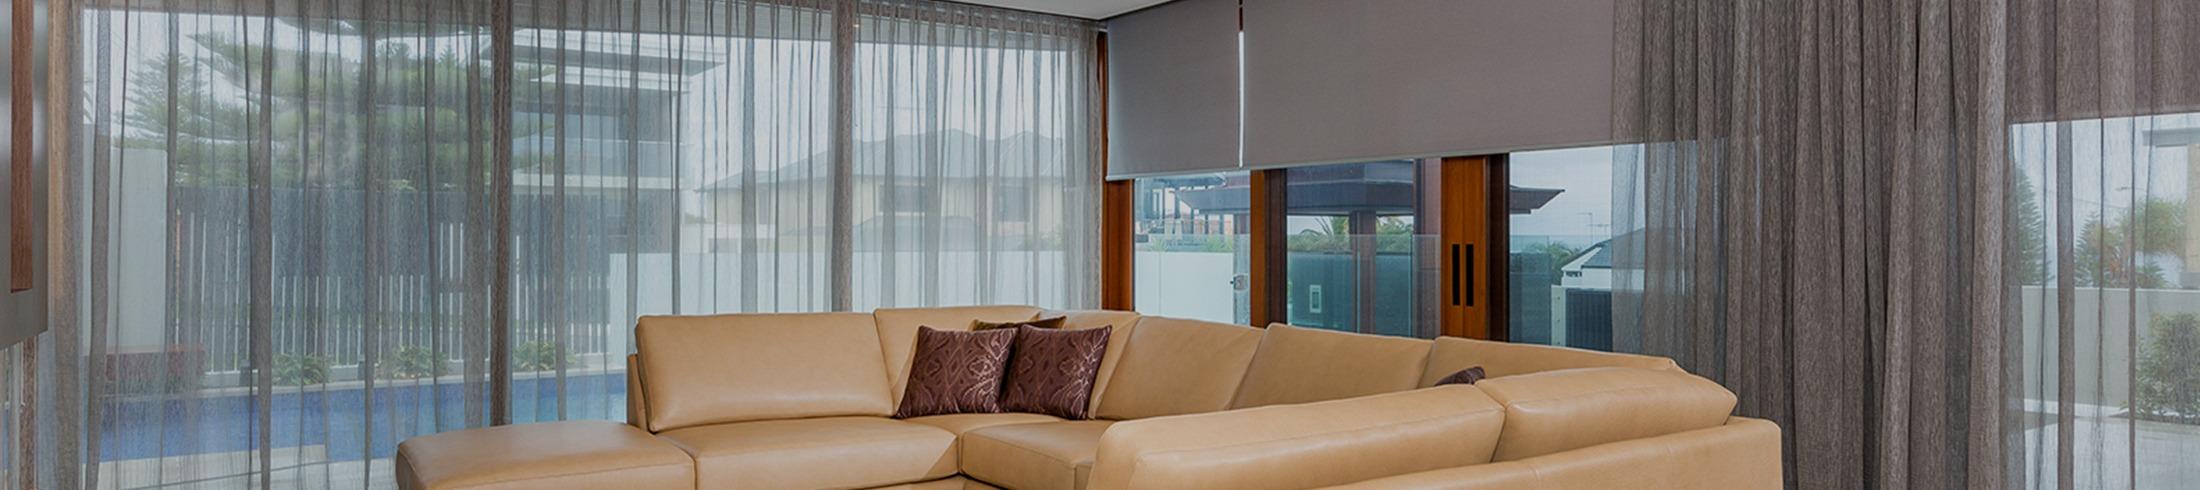 indoor curtains 04